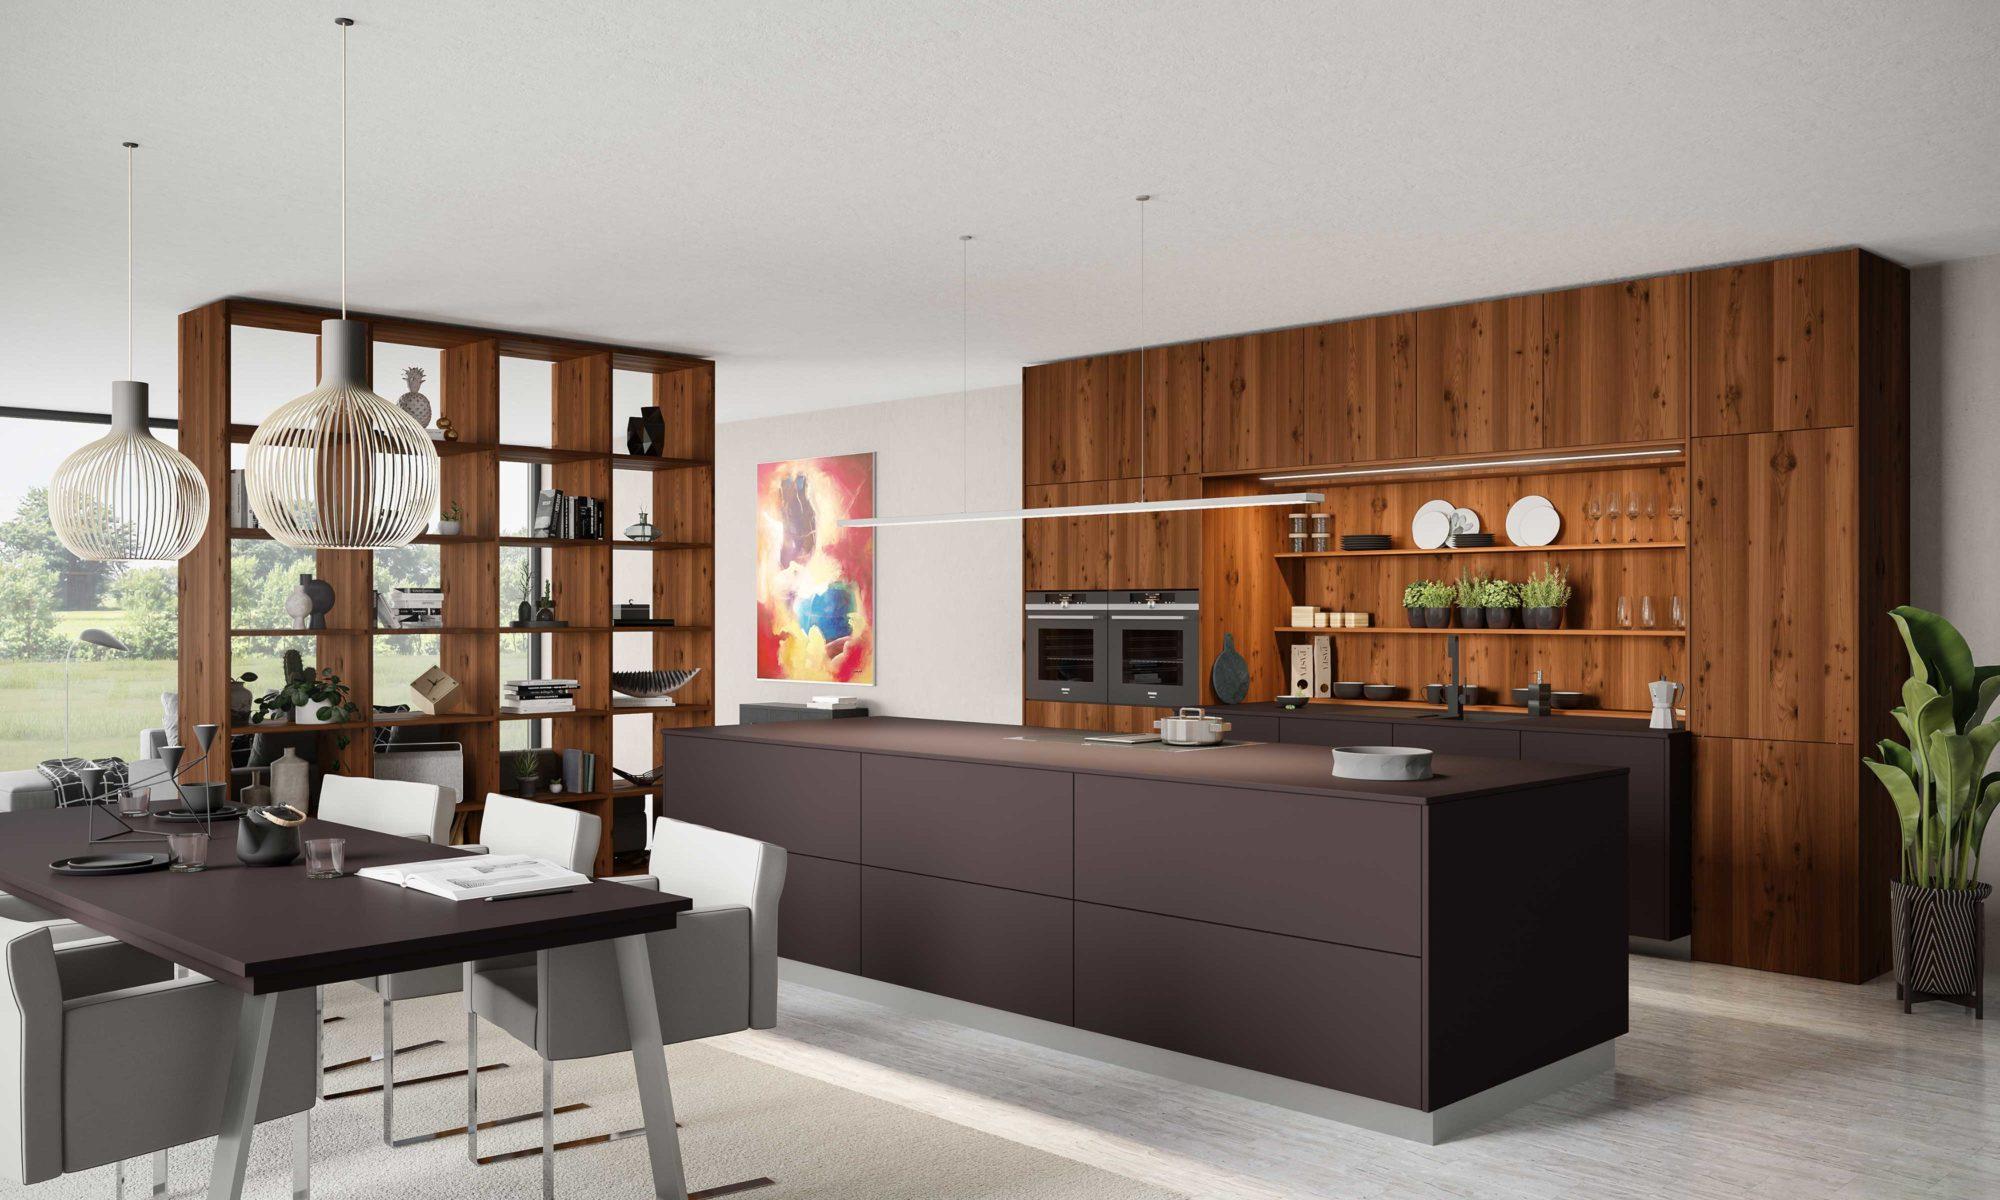 Sachsen Küchen, schwarz, Design, Fiora, Fabia, Holz, Design